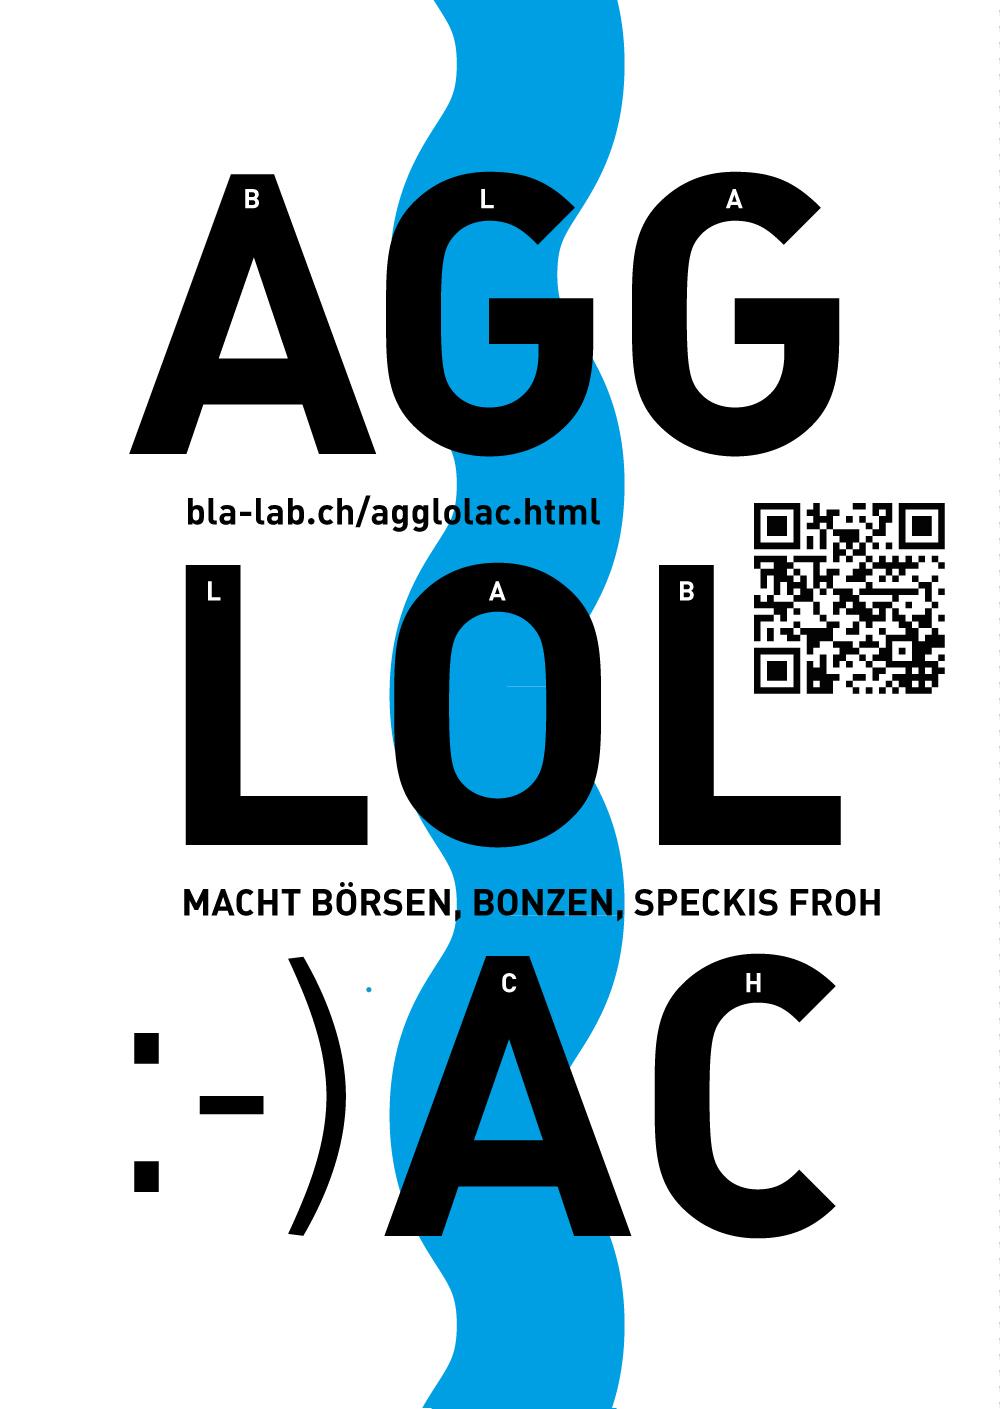 agg-lol-ac_001